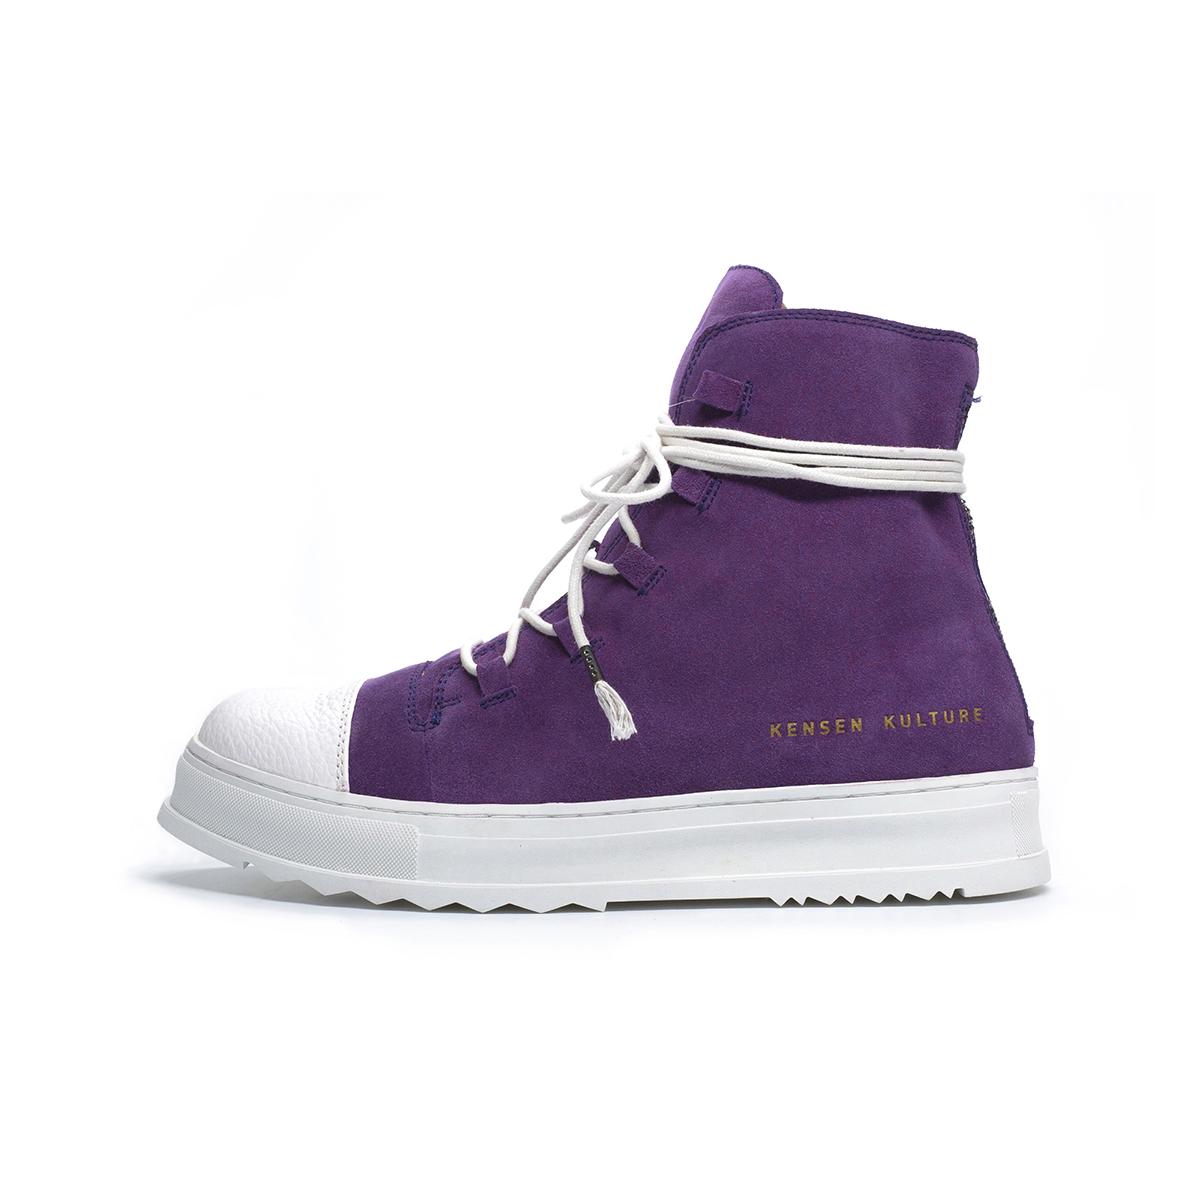 紫色高帮鞋 KENSEN KULTURE 紫色高帮麂皮反绒系带靴子 个性休闲男鞋_推荐淘宝好看的紫色高帮鞋